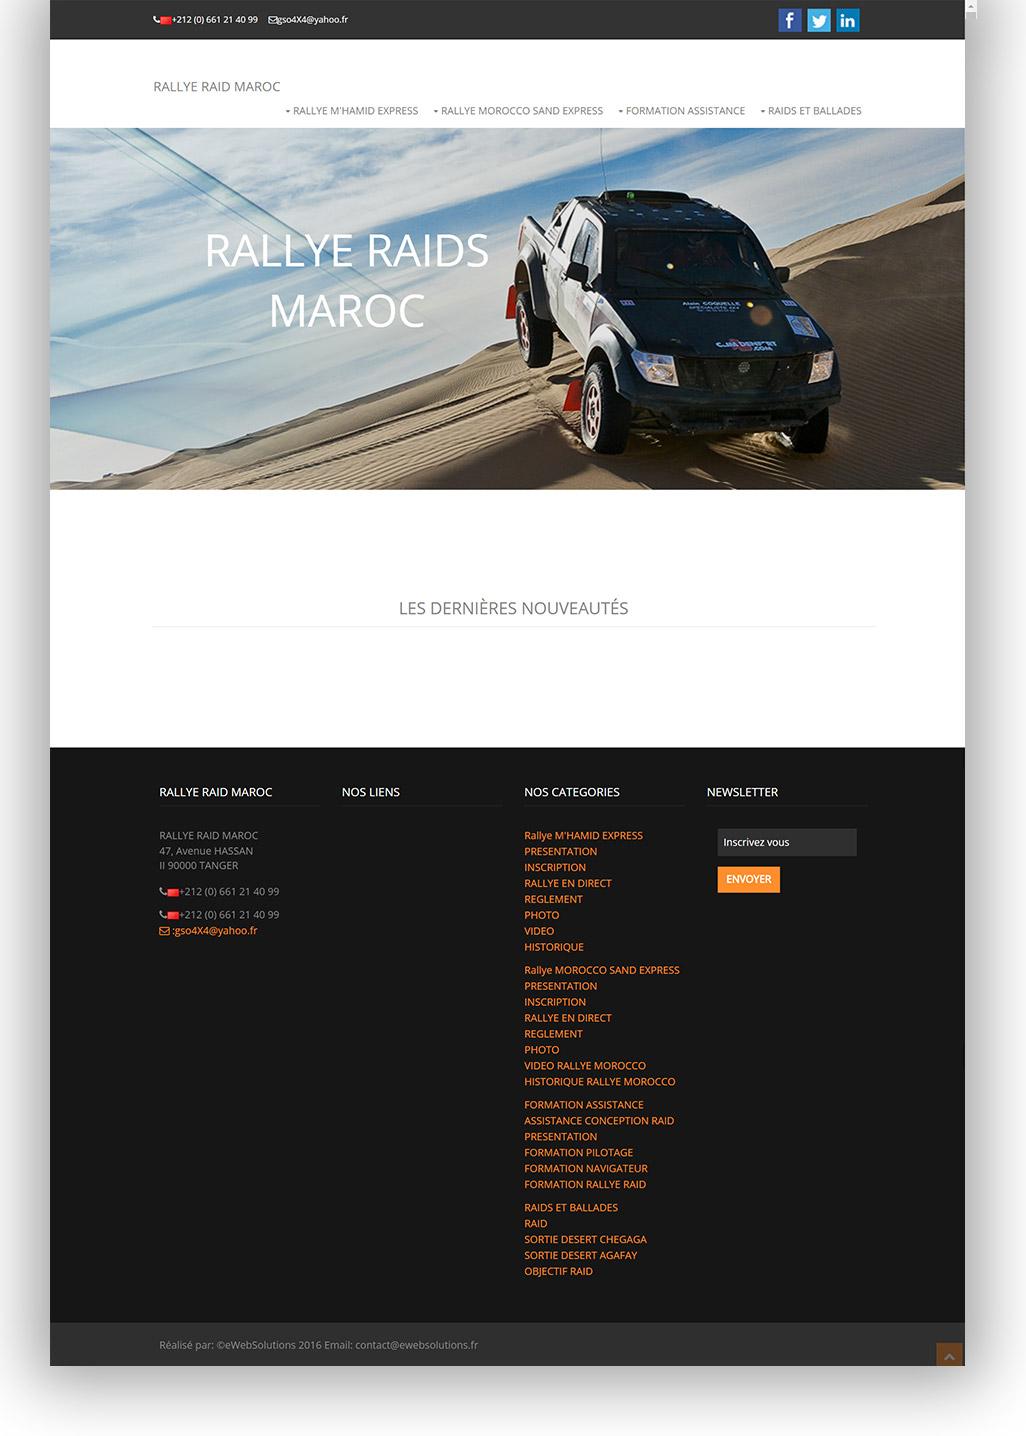 Rallye raids Maroc